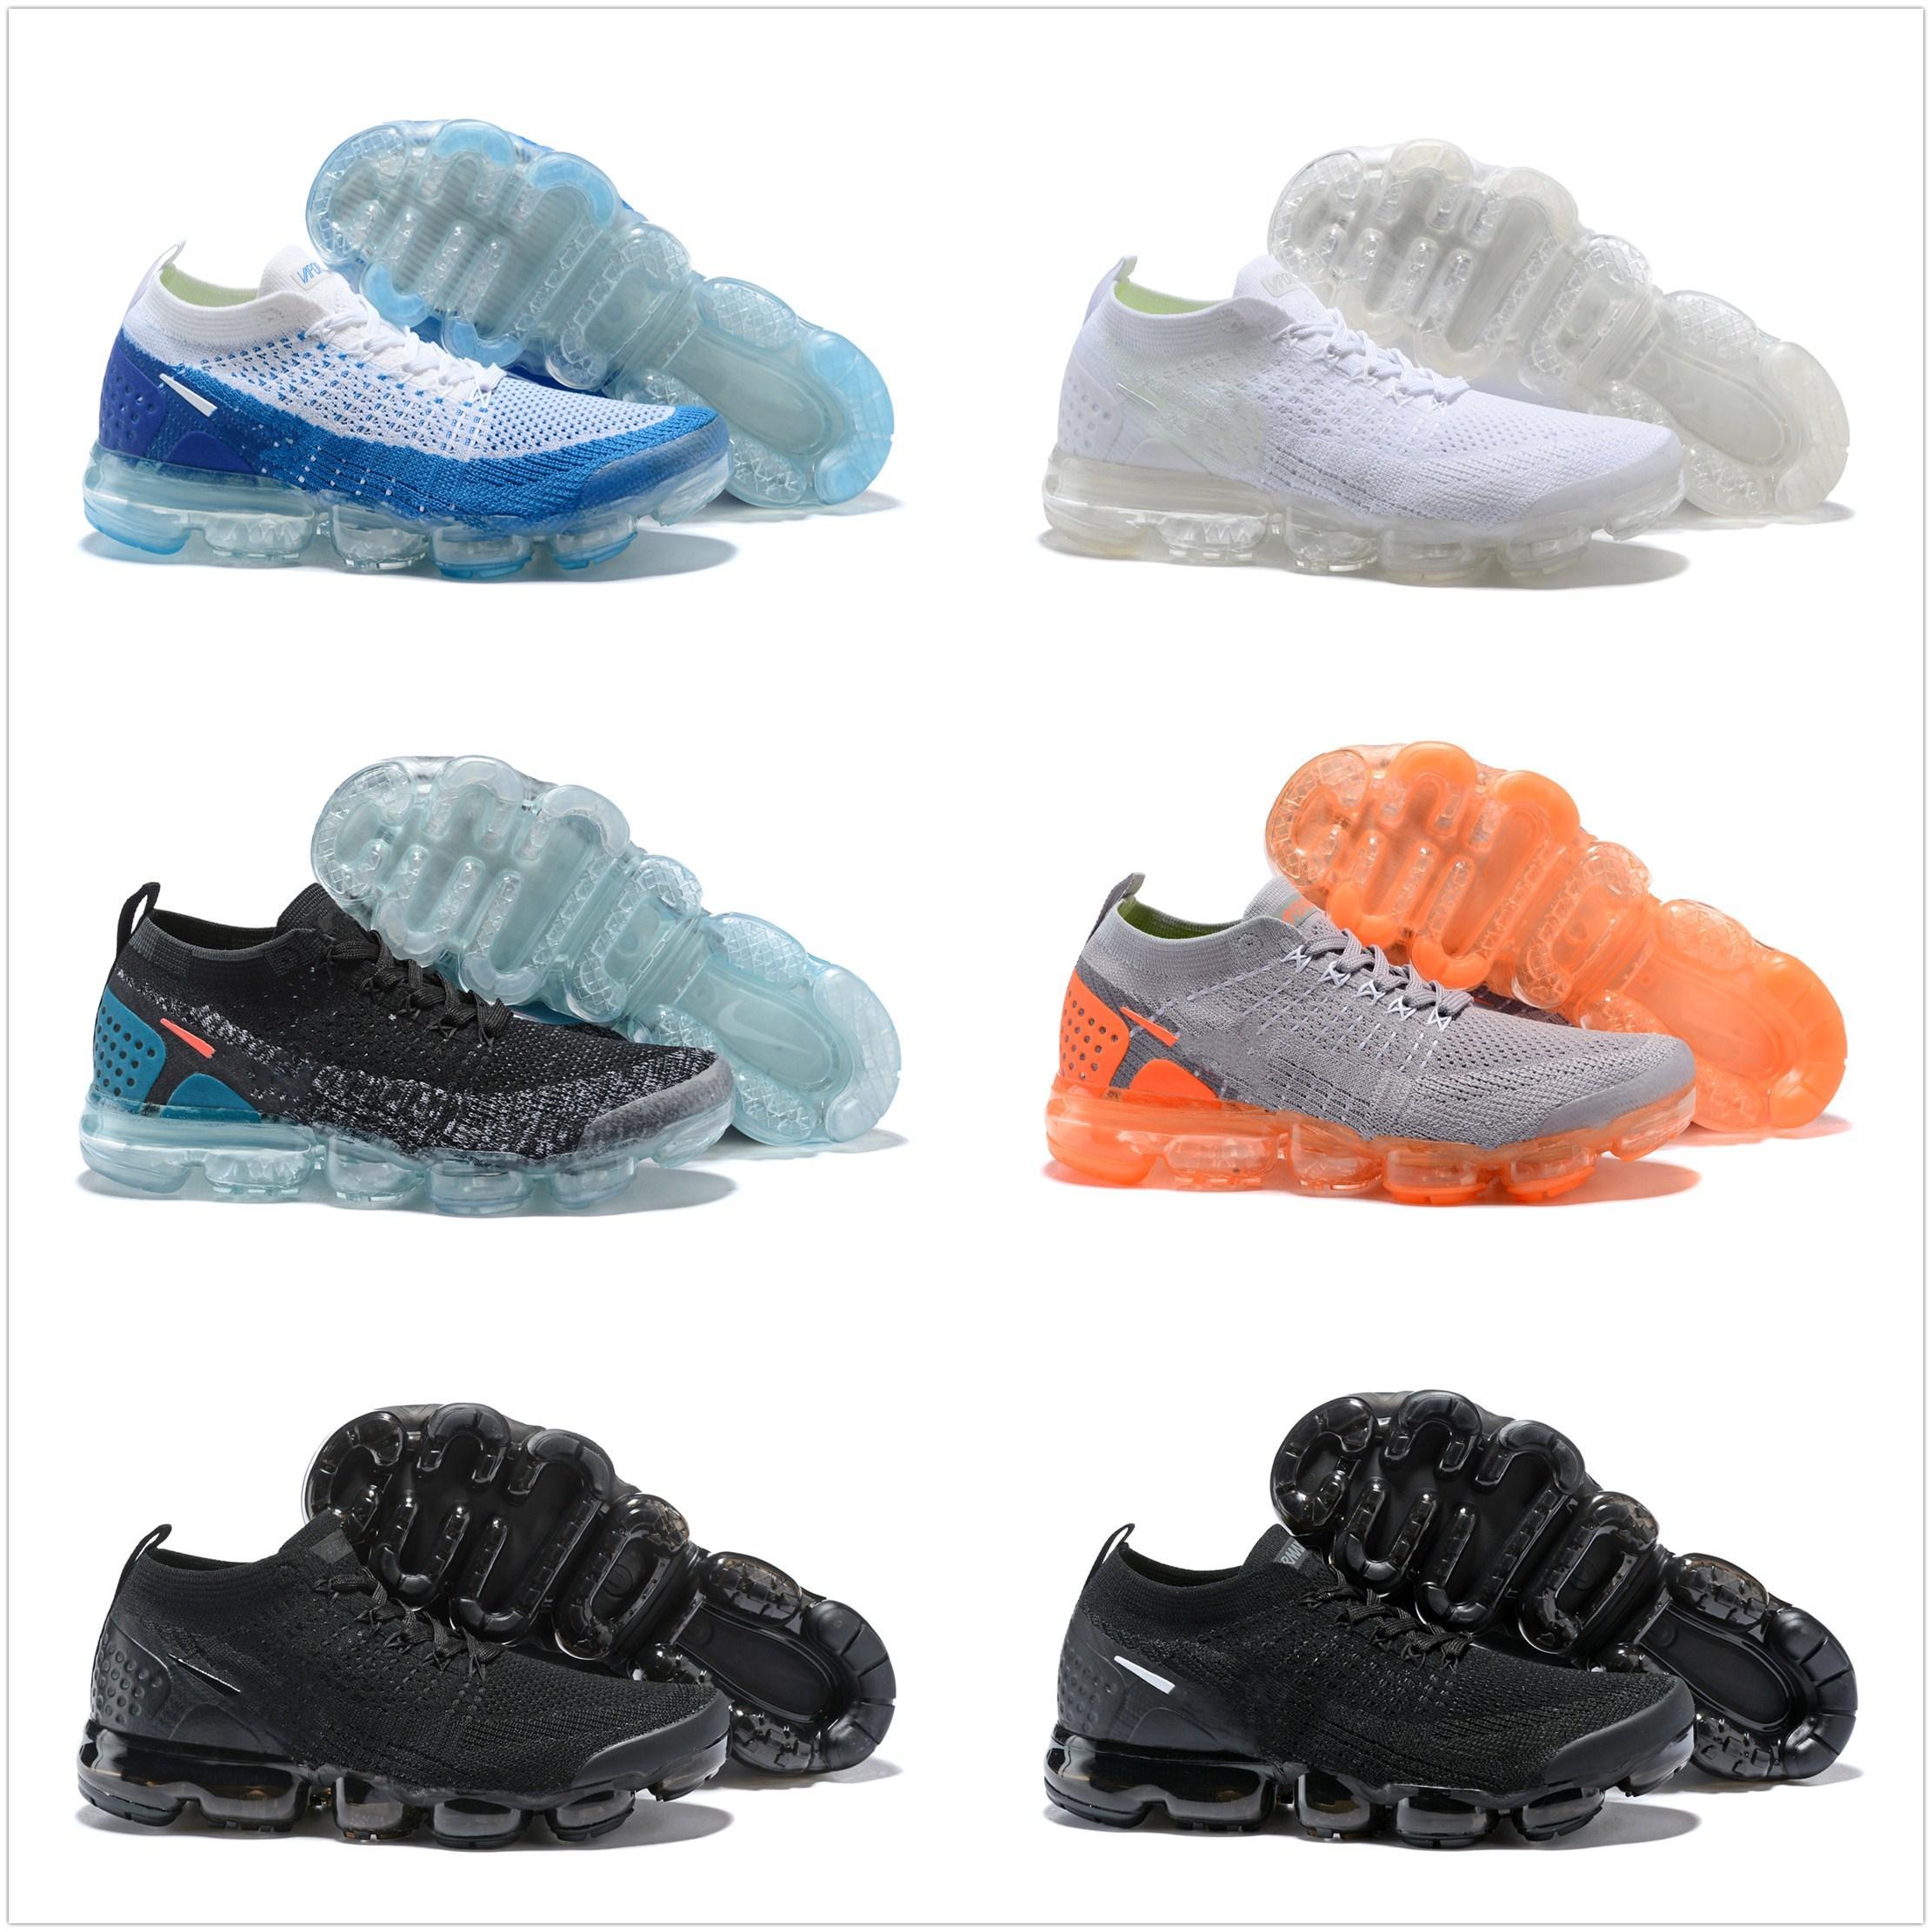 22023c417e1f5 Rmaxes Running Shoes Men Women Classic Outdoor Run Shoe Vapor Black White  Sport Shock Jogging Walking Hiking Sports Athletic Sneakers Discount Running  Shoes ...